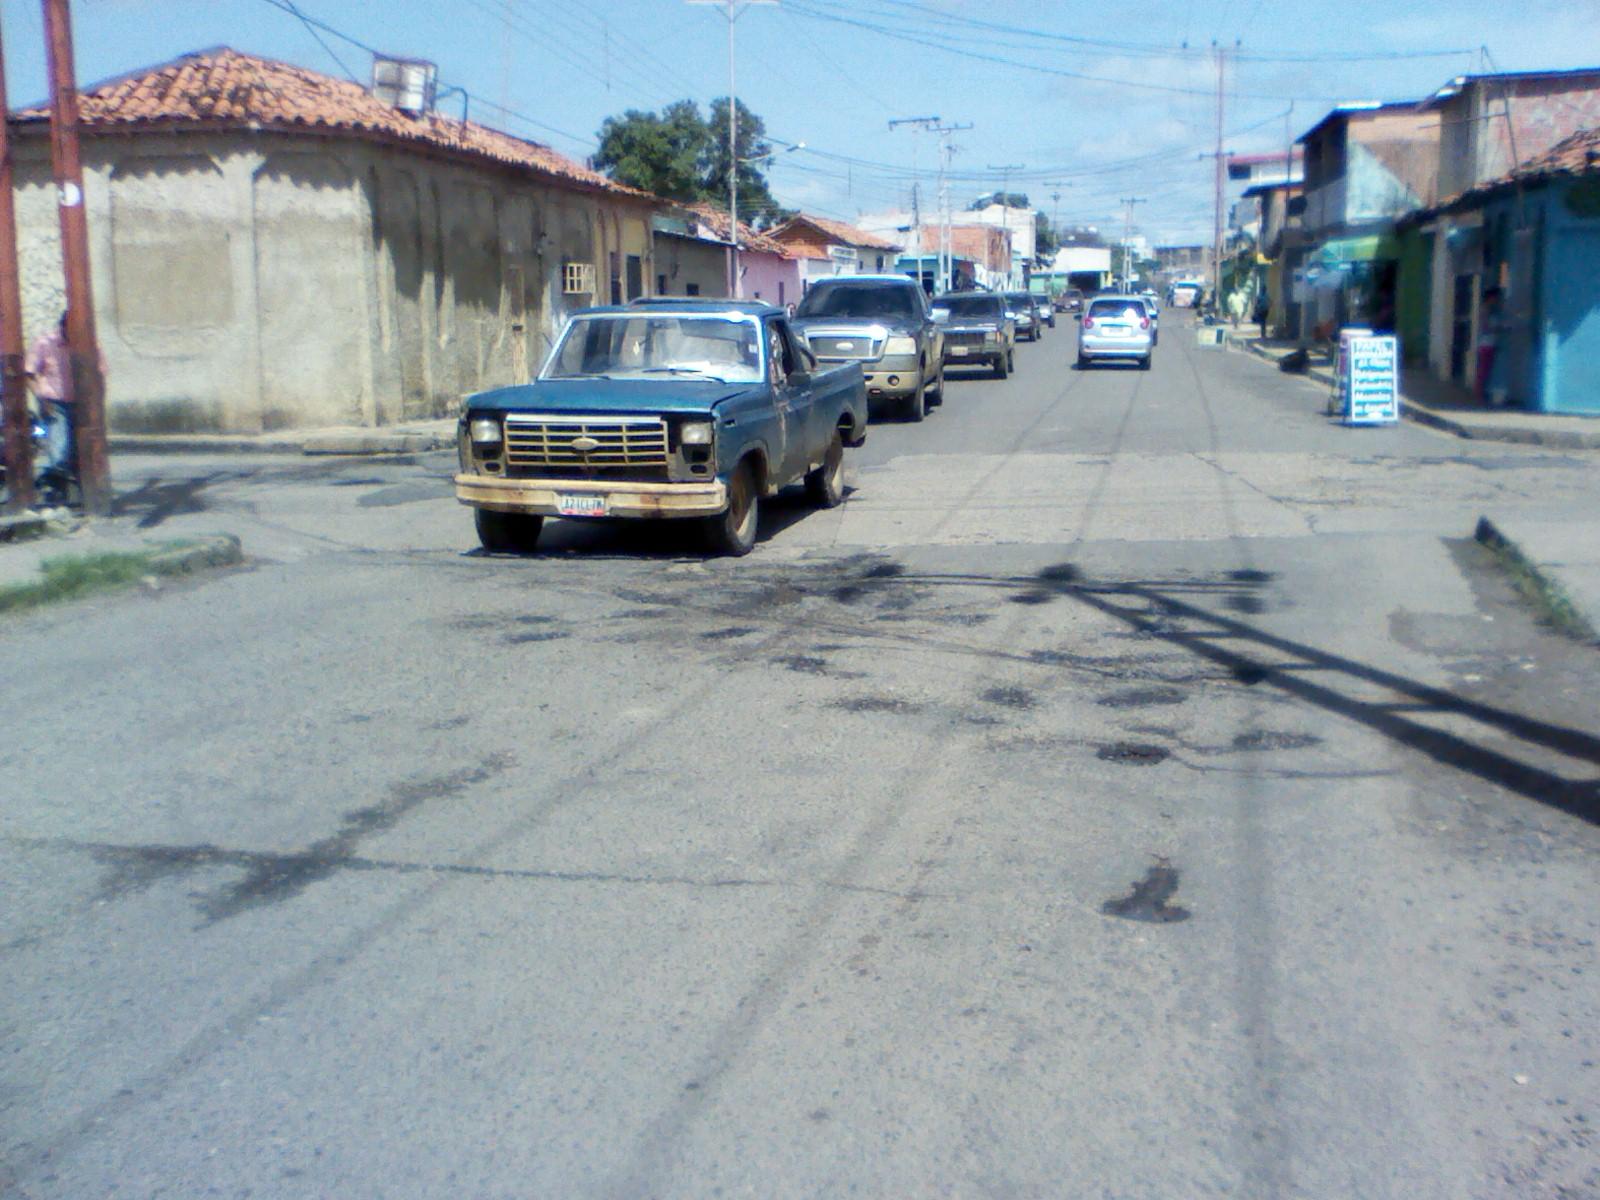 Entre la calle la Granja y 19 de abril se formaron estos enormes huecos producto del derrame de aguas blancas